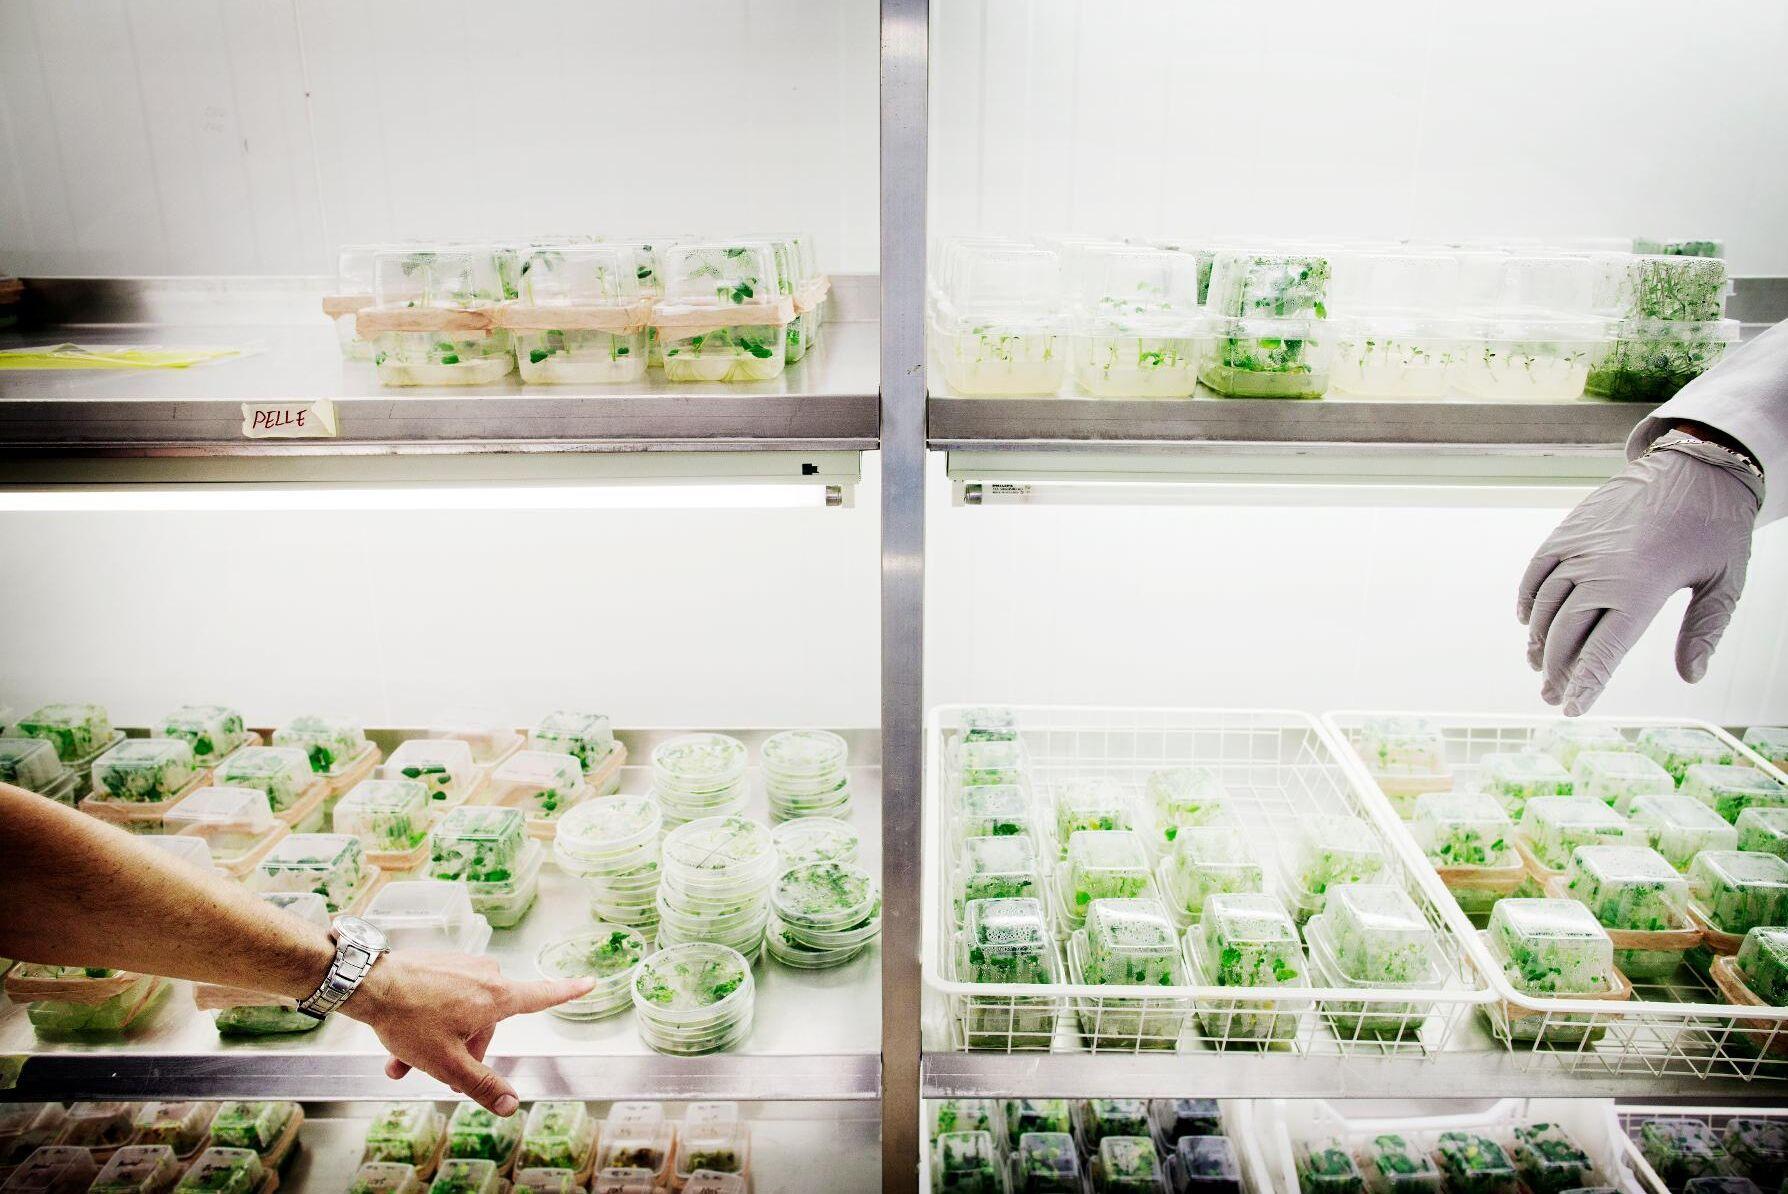 EU-kommissionen har öppnat för att diskutera regelverket för nya tekniker kring växtförädling, skriver debattörerna. Arkivbild.